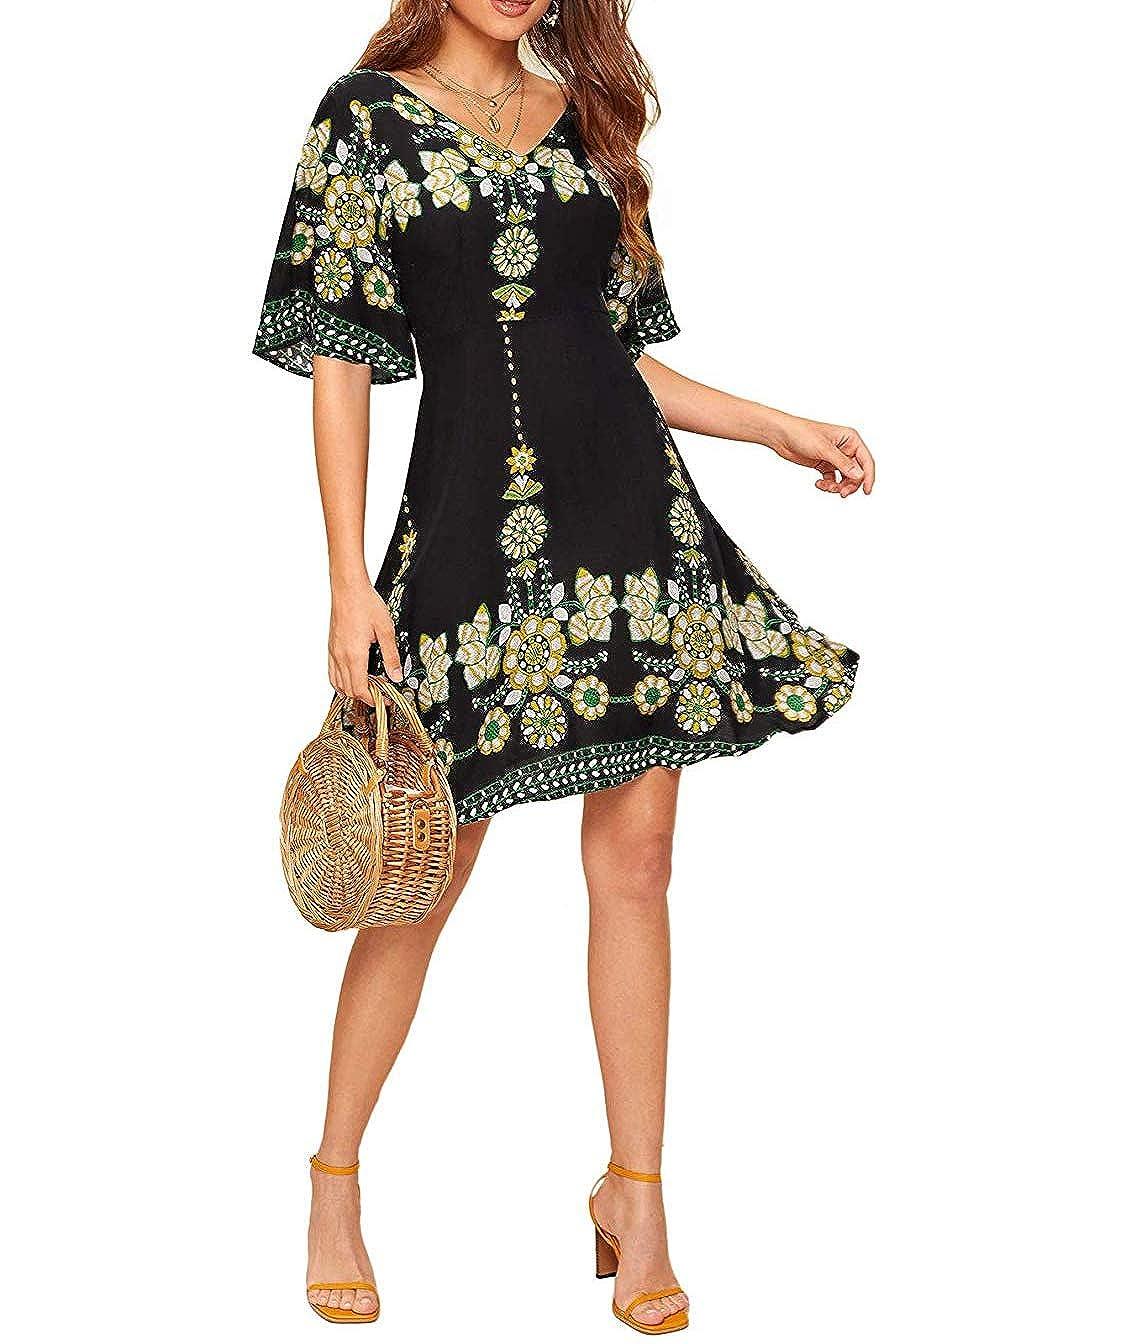 Damen Kleider Damen Boho Sommerkleider Kurzarm V-Ausschnitt Strand Blumen Kleider Lange Strandkleid Maxikleid Bohemien A-Linie Partykleid